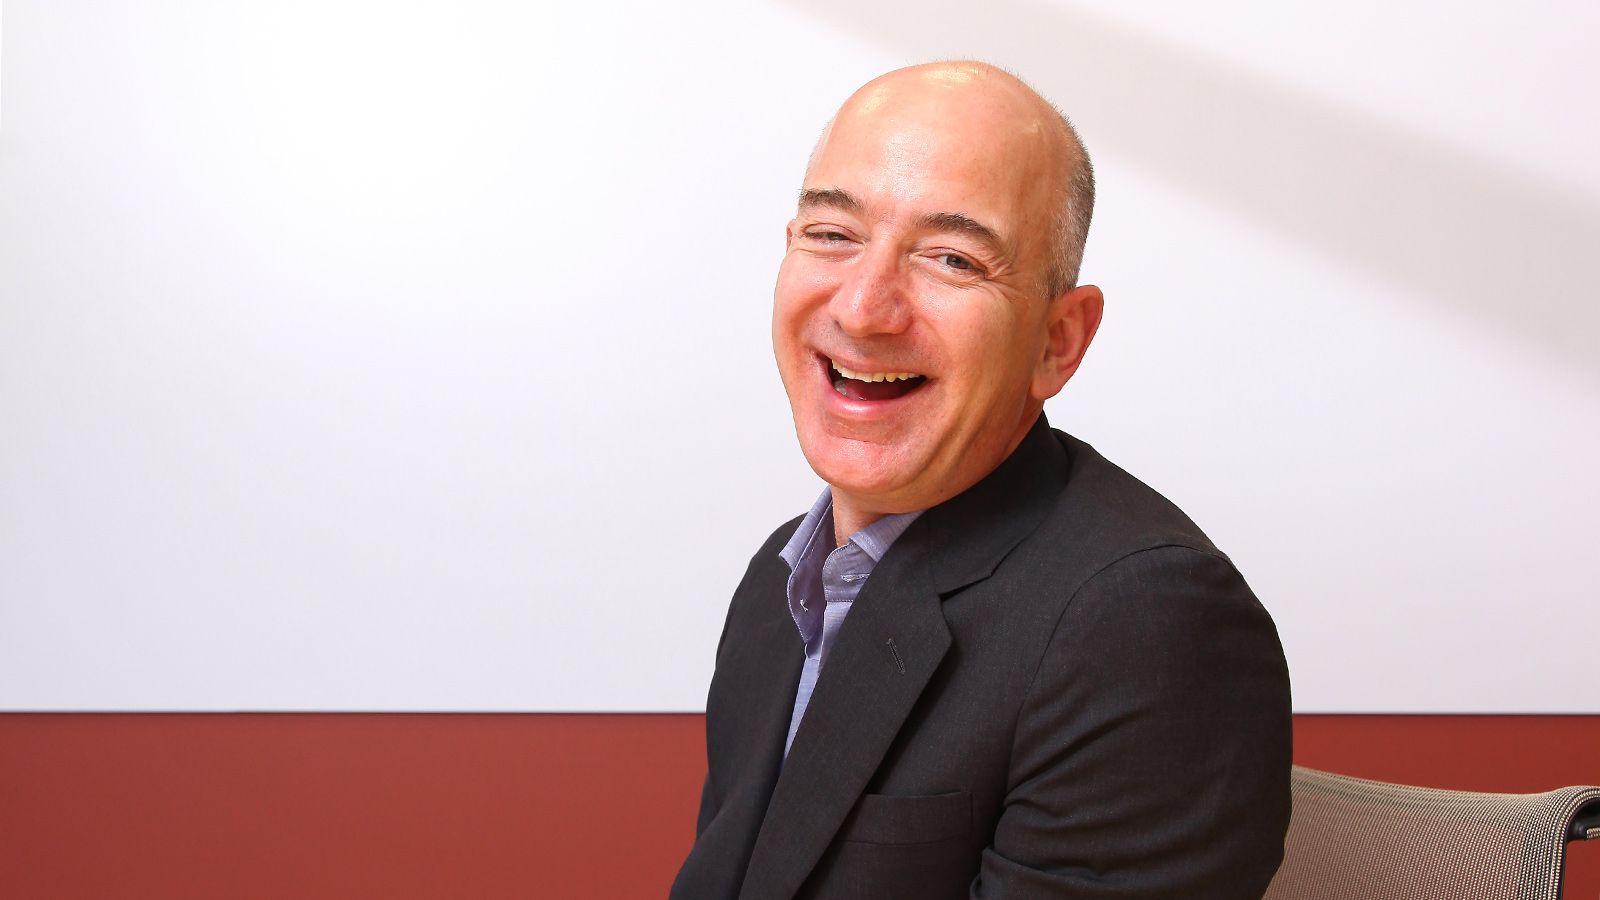 1兆ドル」へ駆け上るアマゾンの意外な素顔   読書   東洋経済オンライン ...